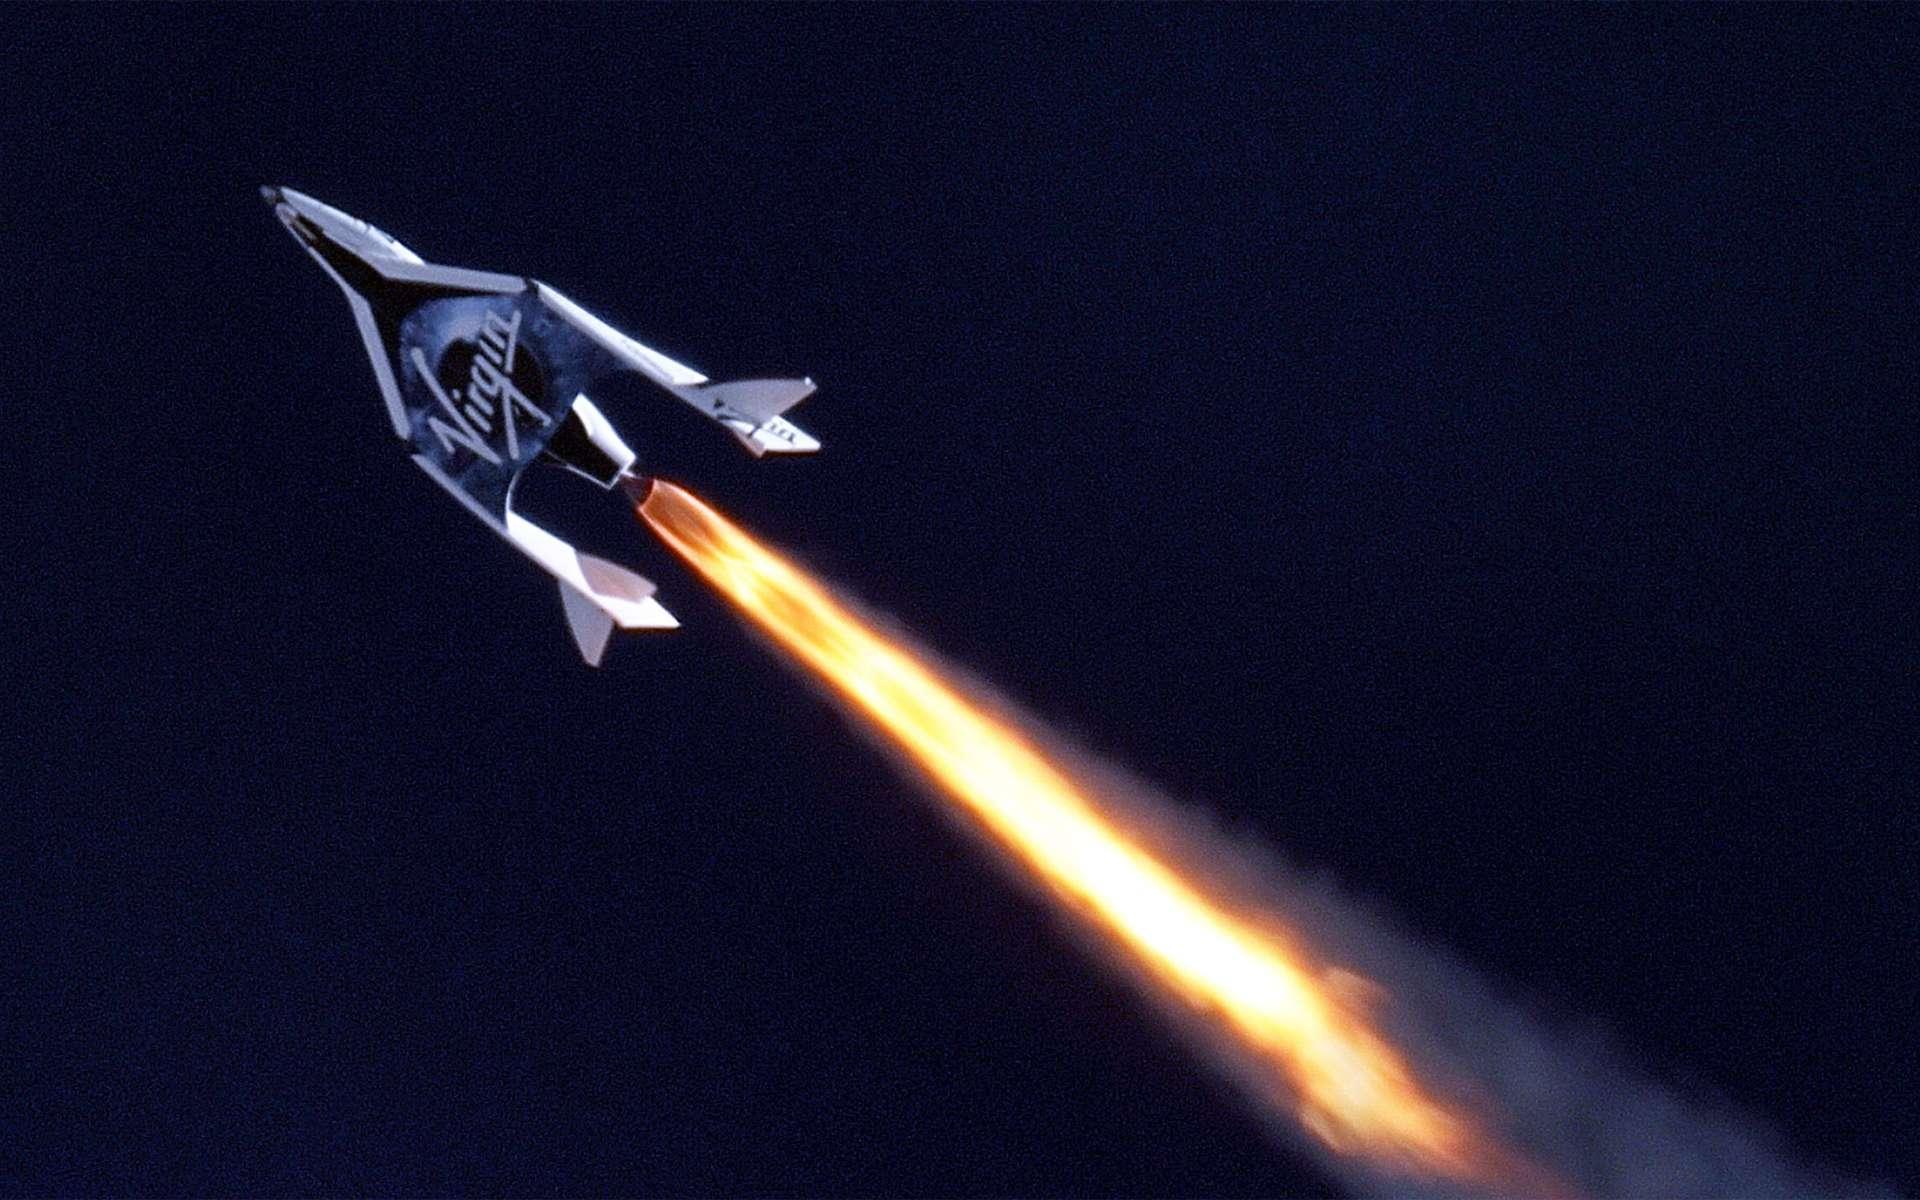 Le SpaceShipTwo de Virgin Galactic lors de son vol d'essai, qui lui a permis de franchir le mur du son. © MarsScientific.com and Clay Center Observatory